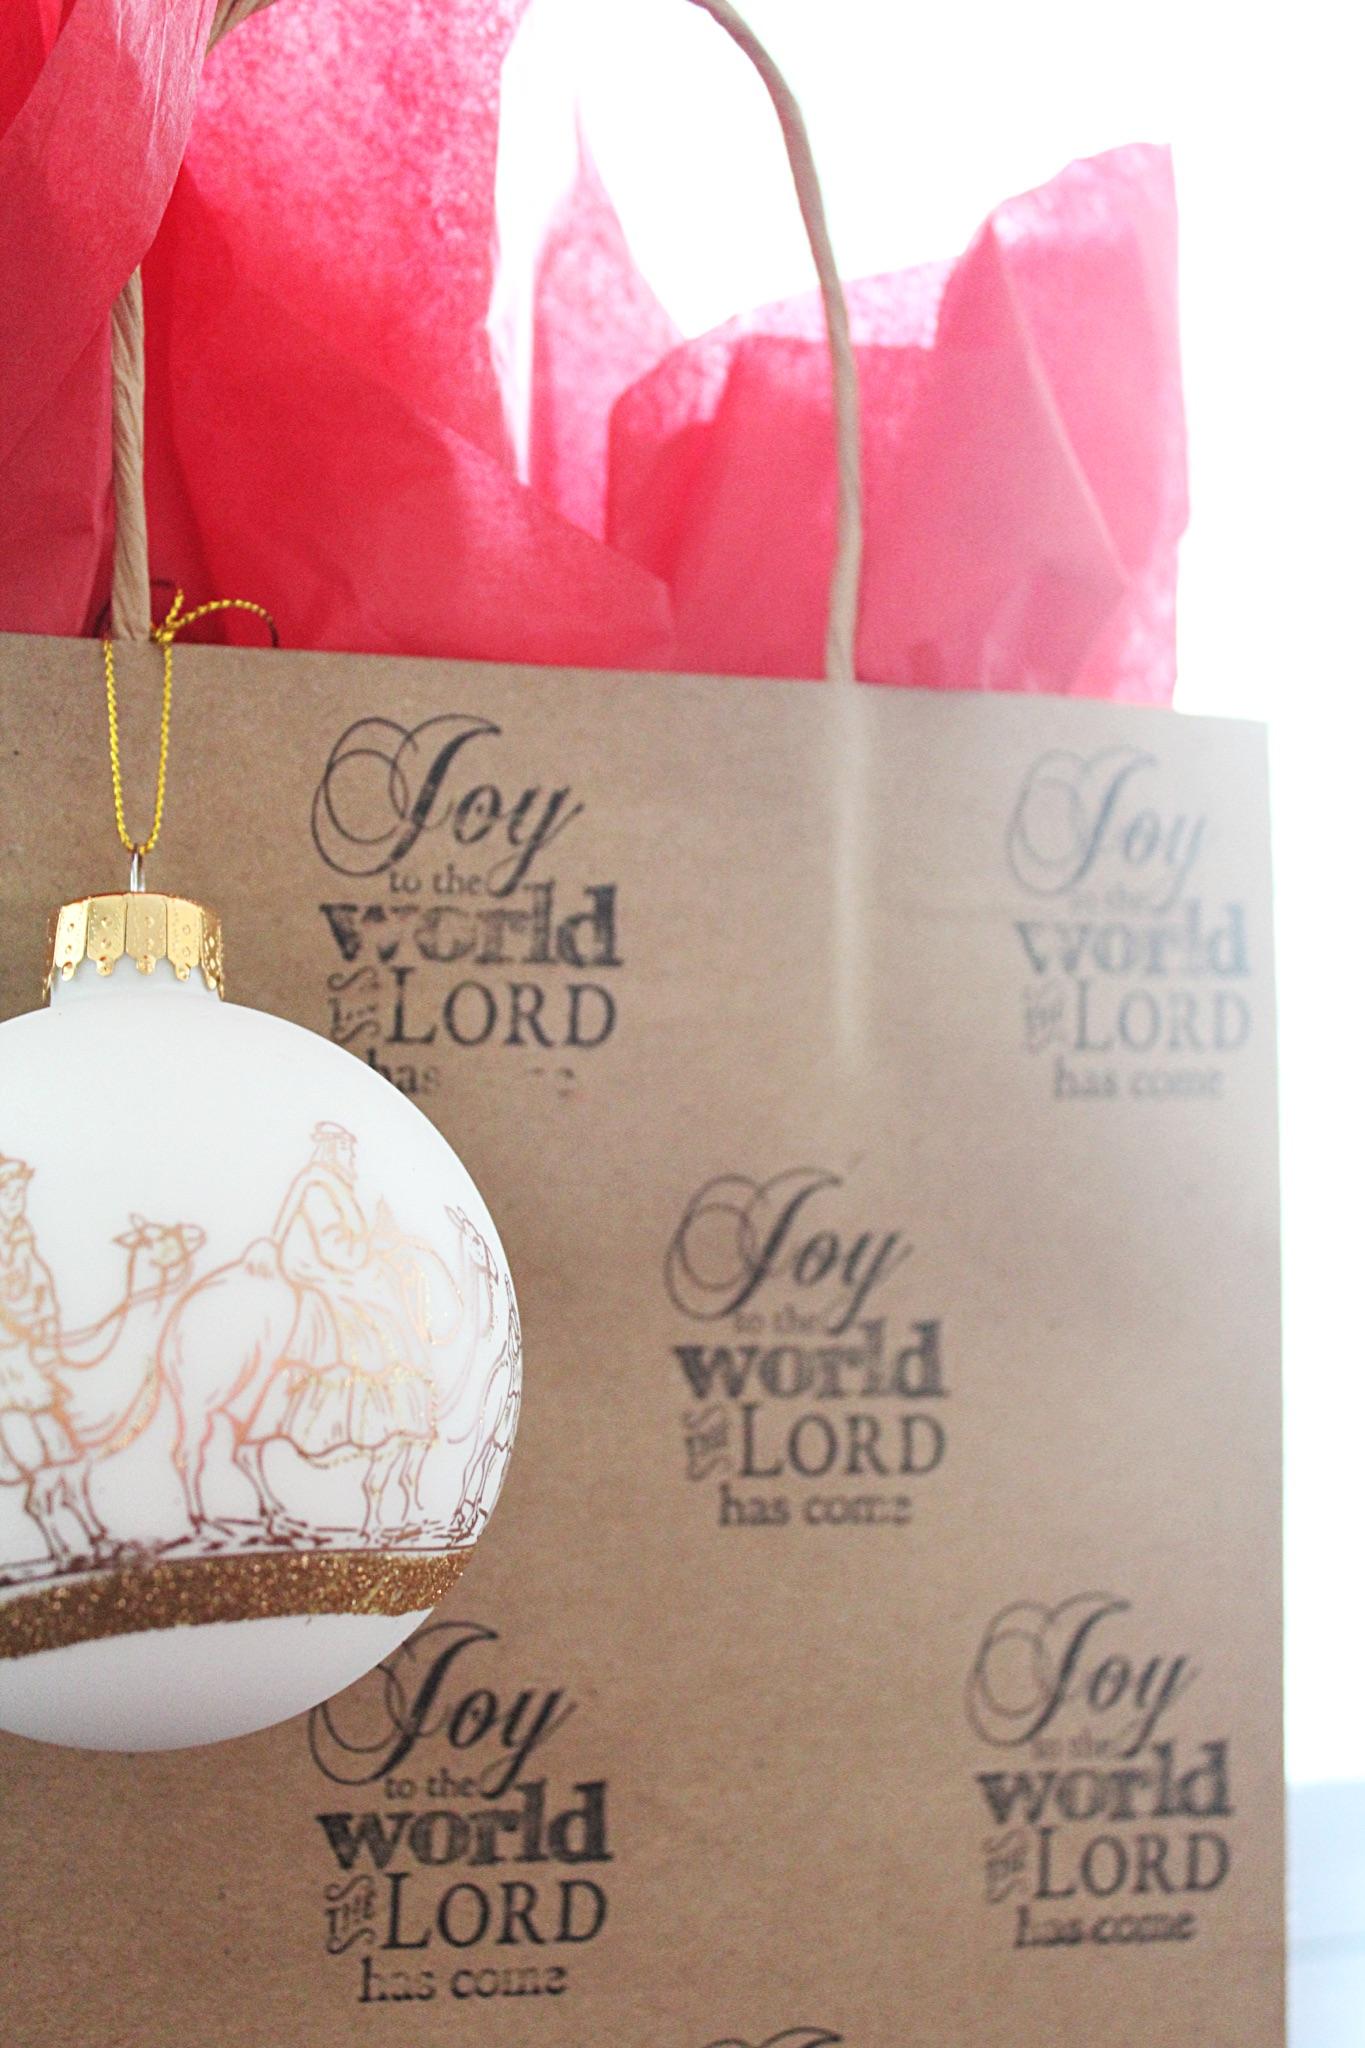 diy-christian-gift-wrap-ideas-for-christmas.jpg